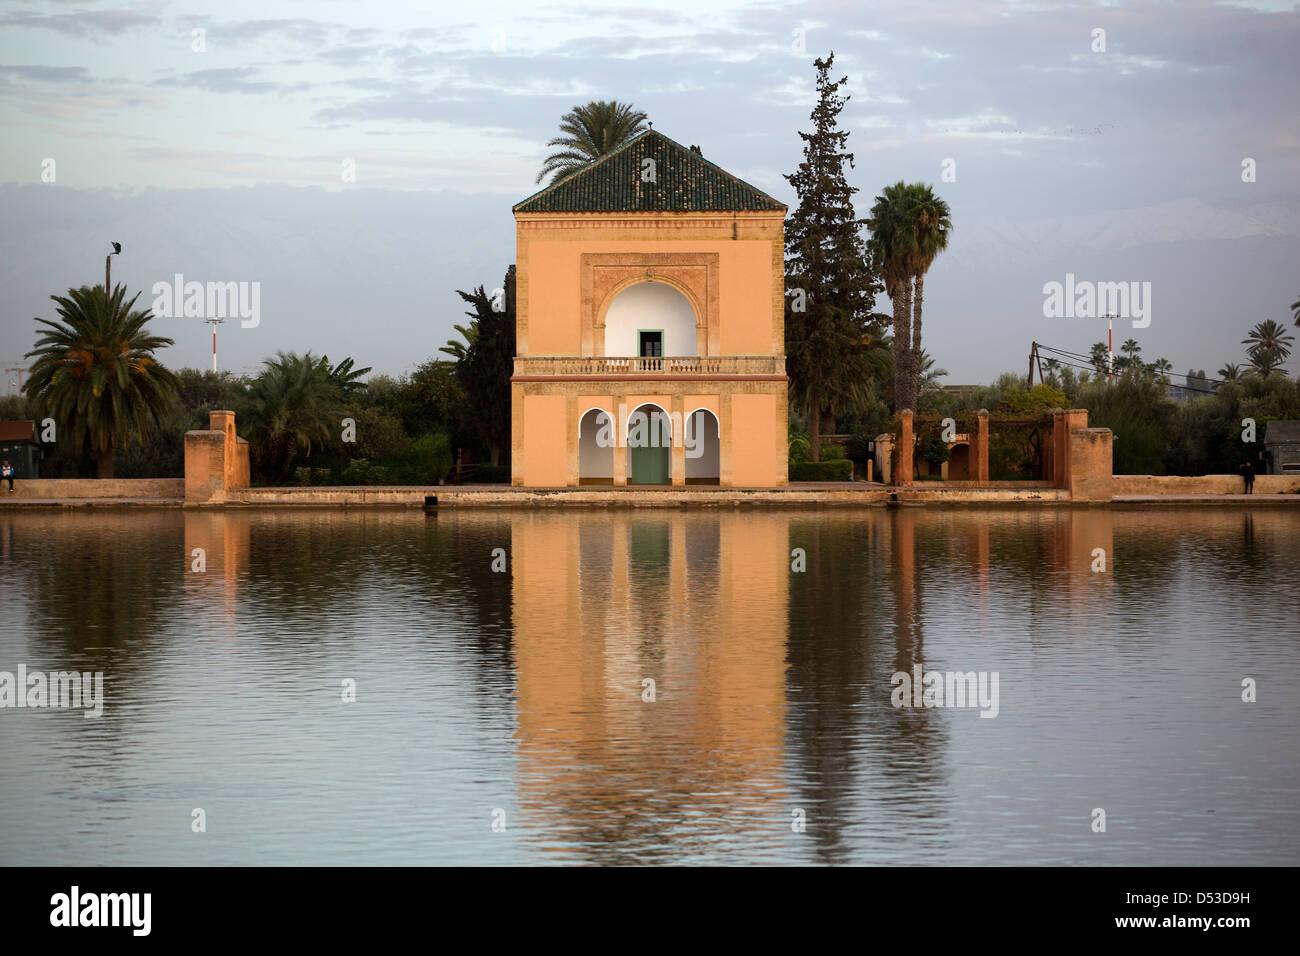 Menara Gardens, Marrakech, Morocco Stock Photo: 54780701 - Alamy